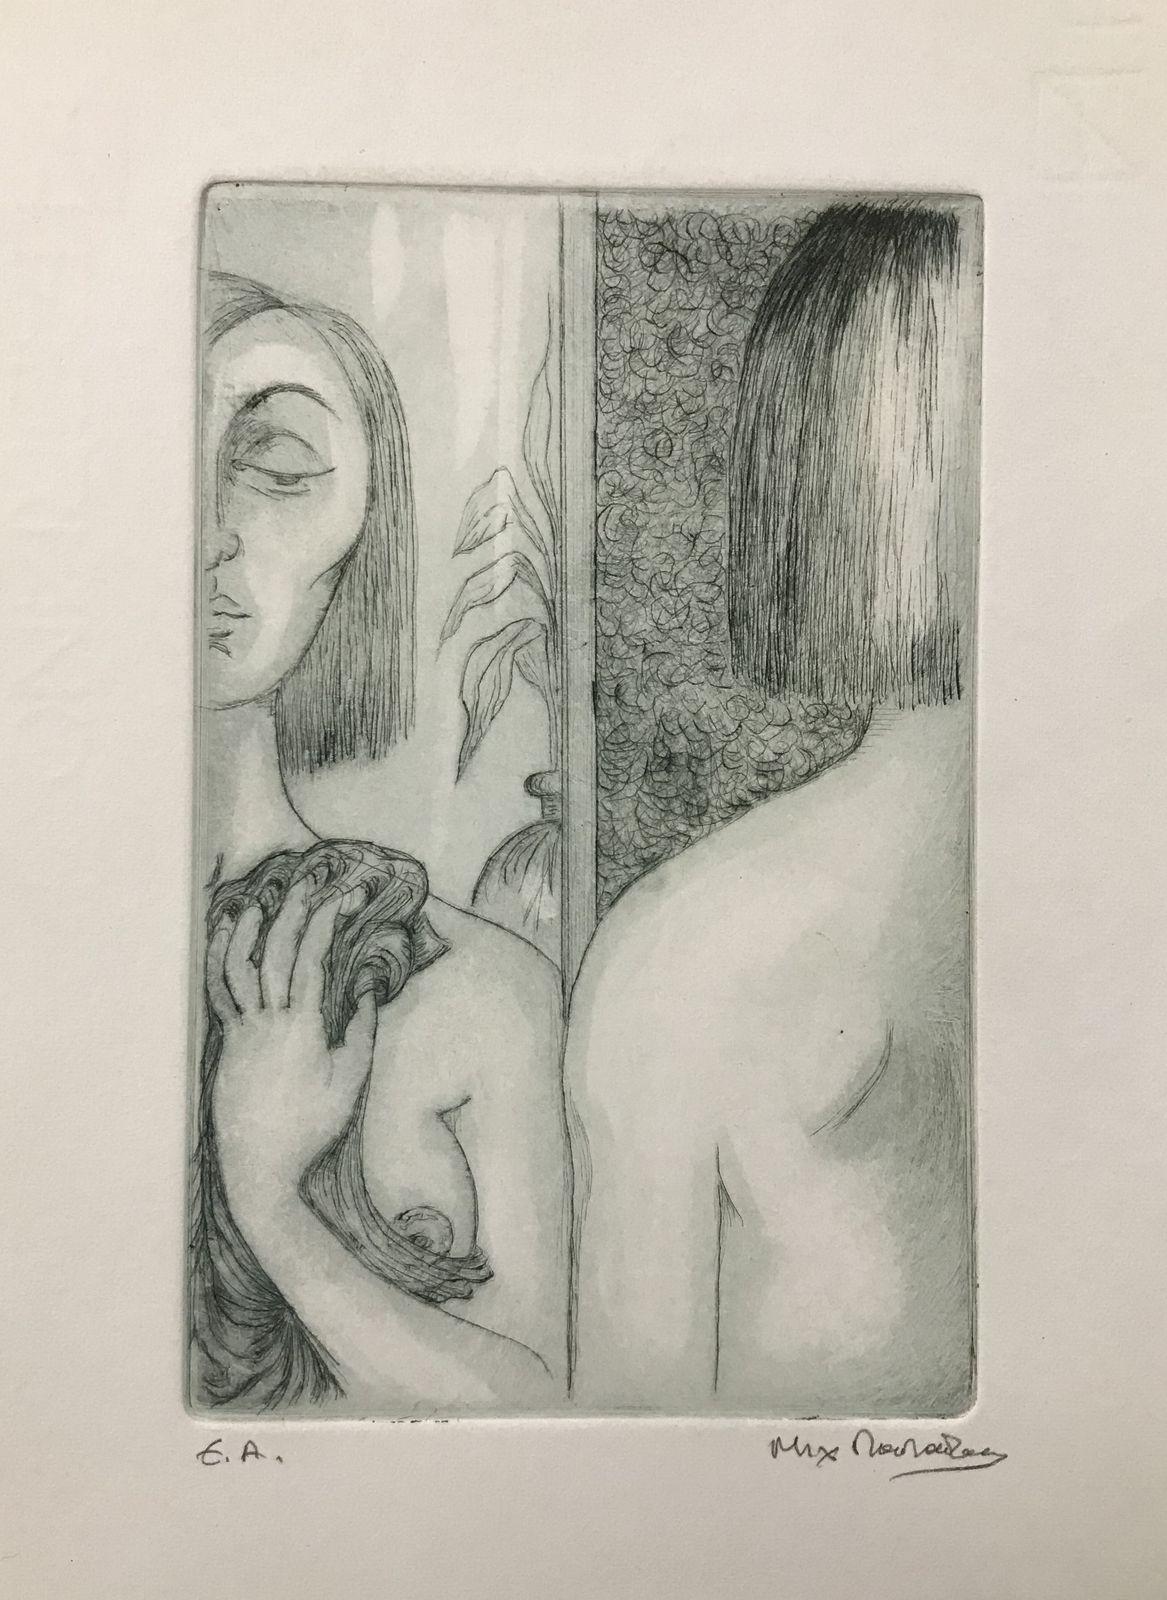 Μιχάλης Παπαδάκης 17×24 εκ. Χαρακτικό Mihalis Papadakis 17×24 cm Engraving (5)